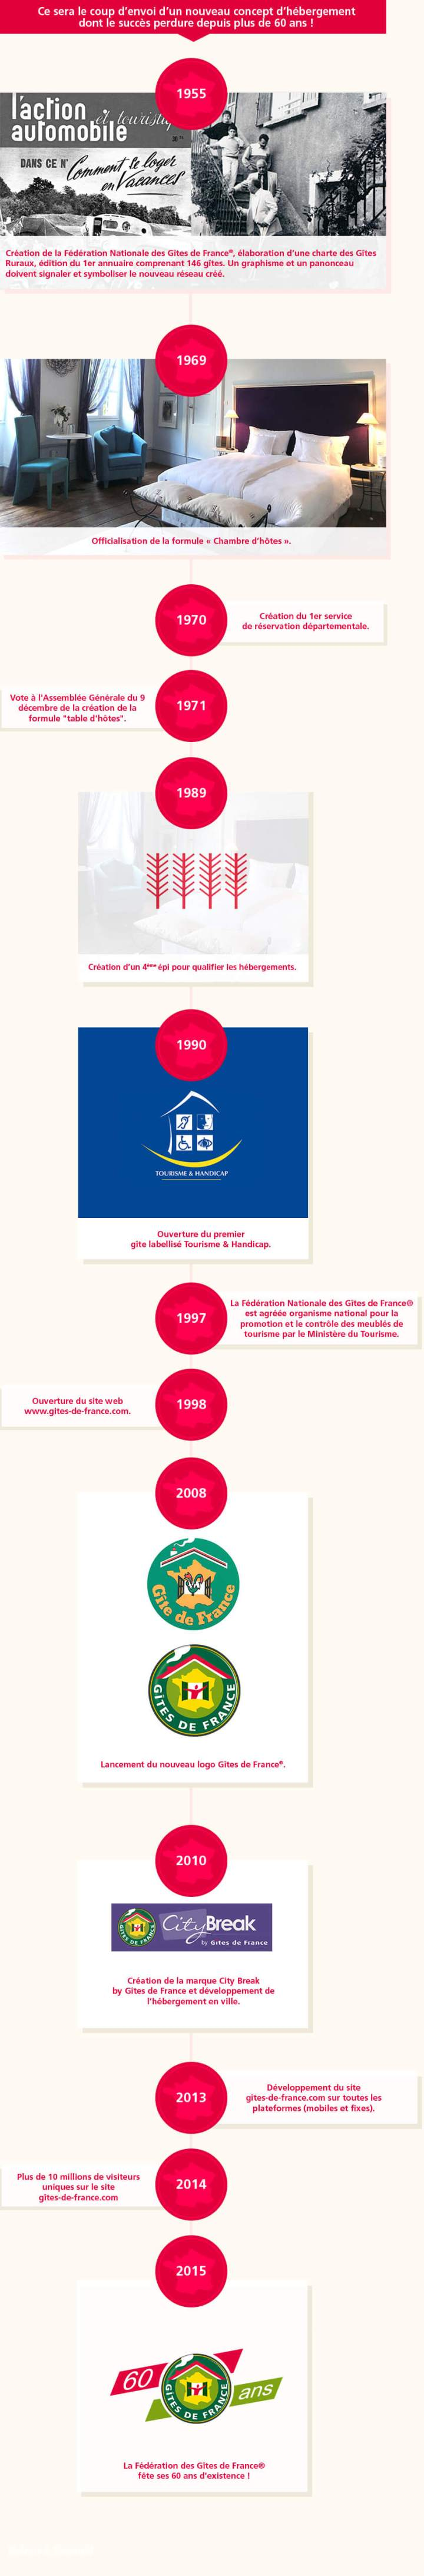 Infographie de l'histoire